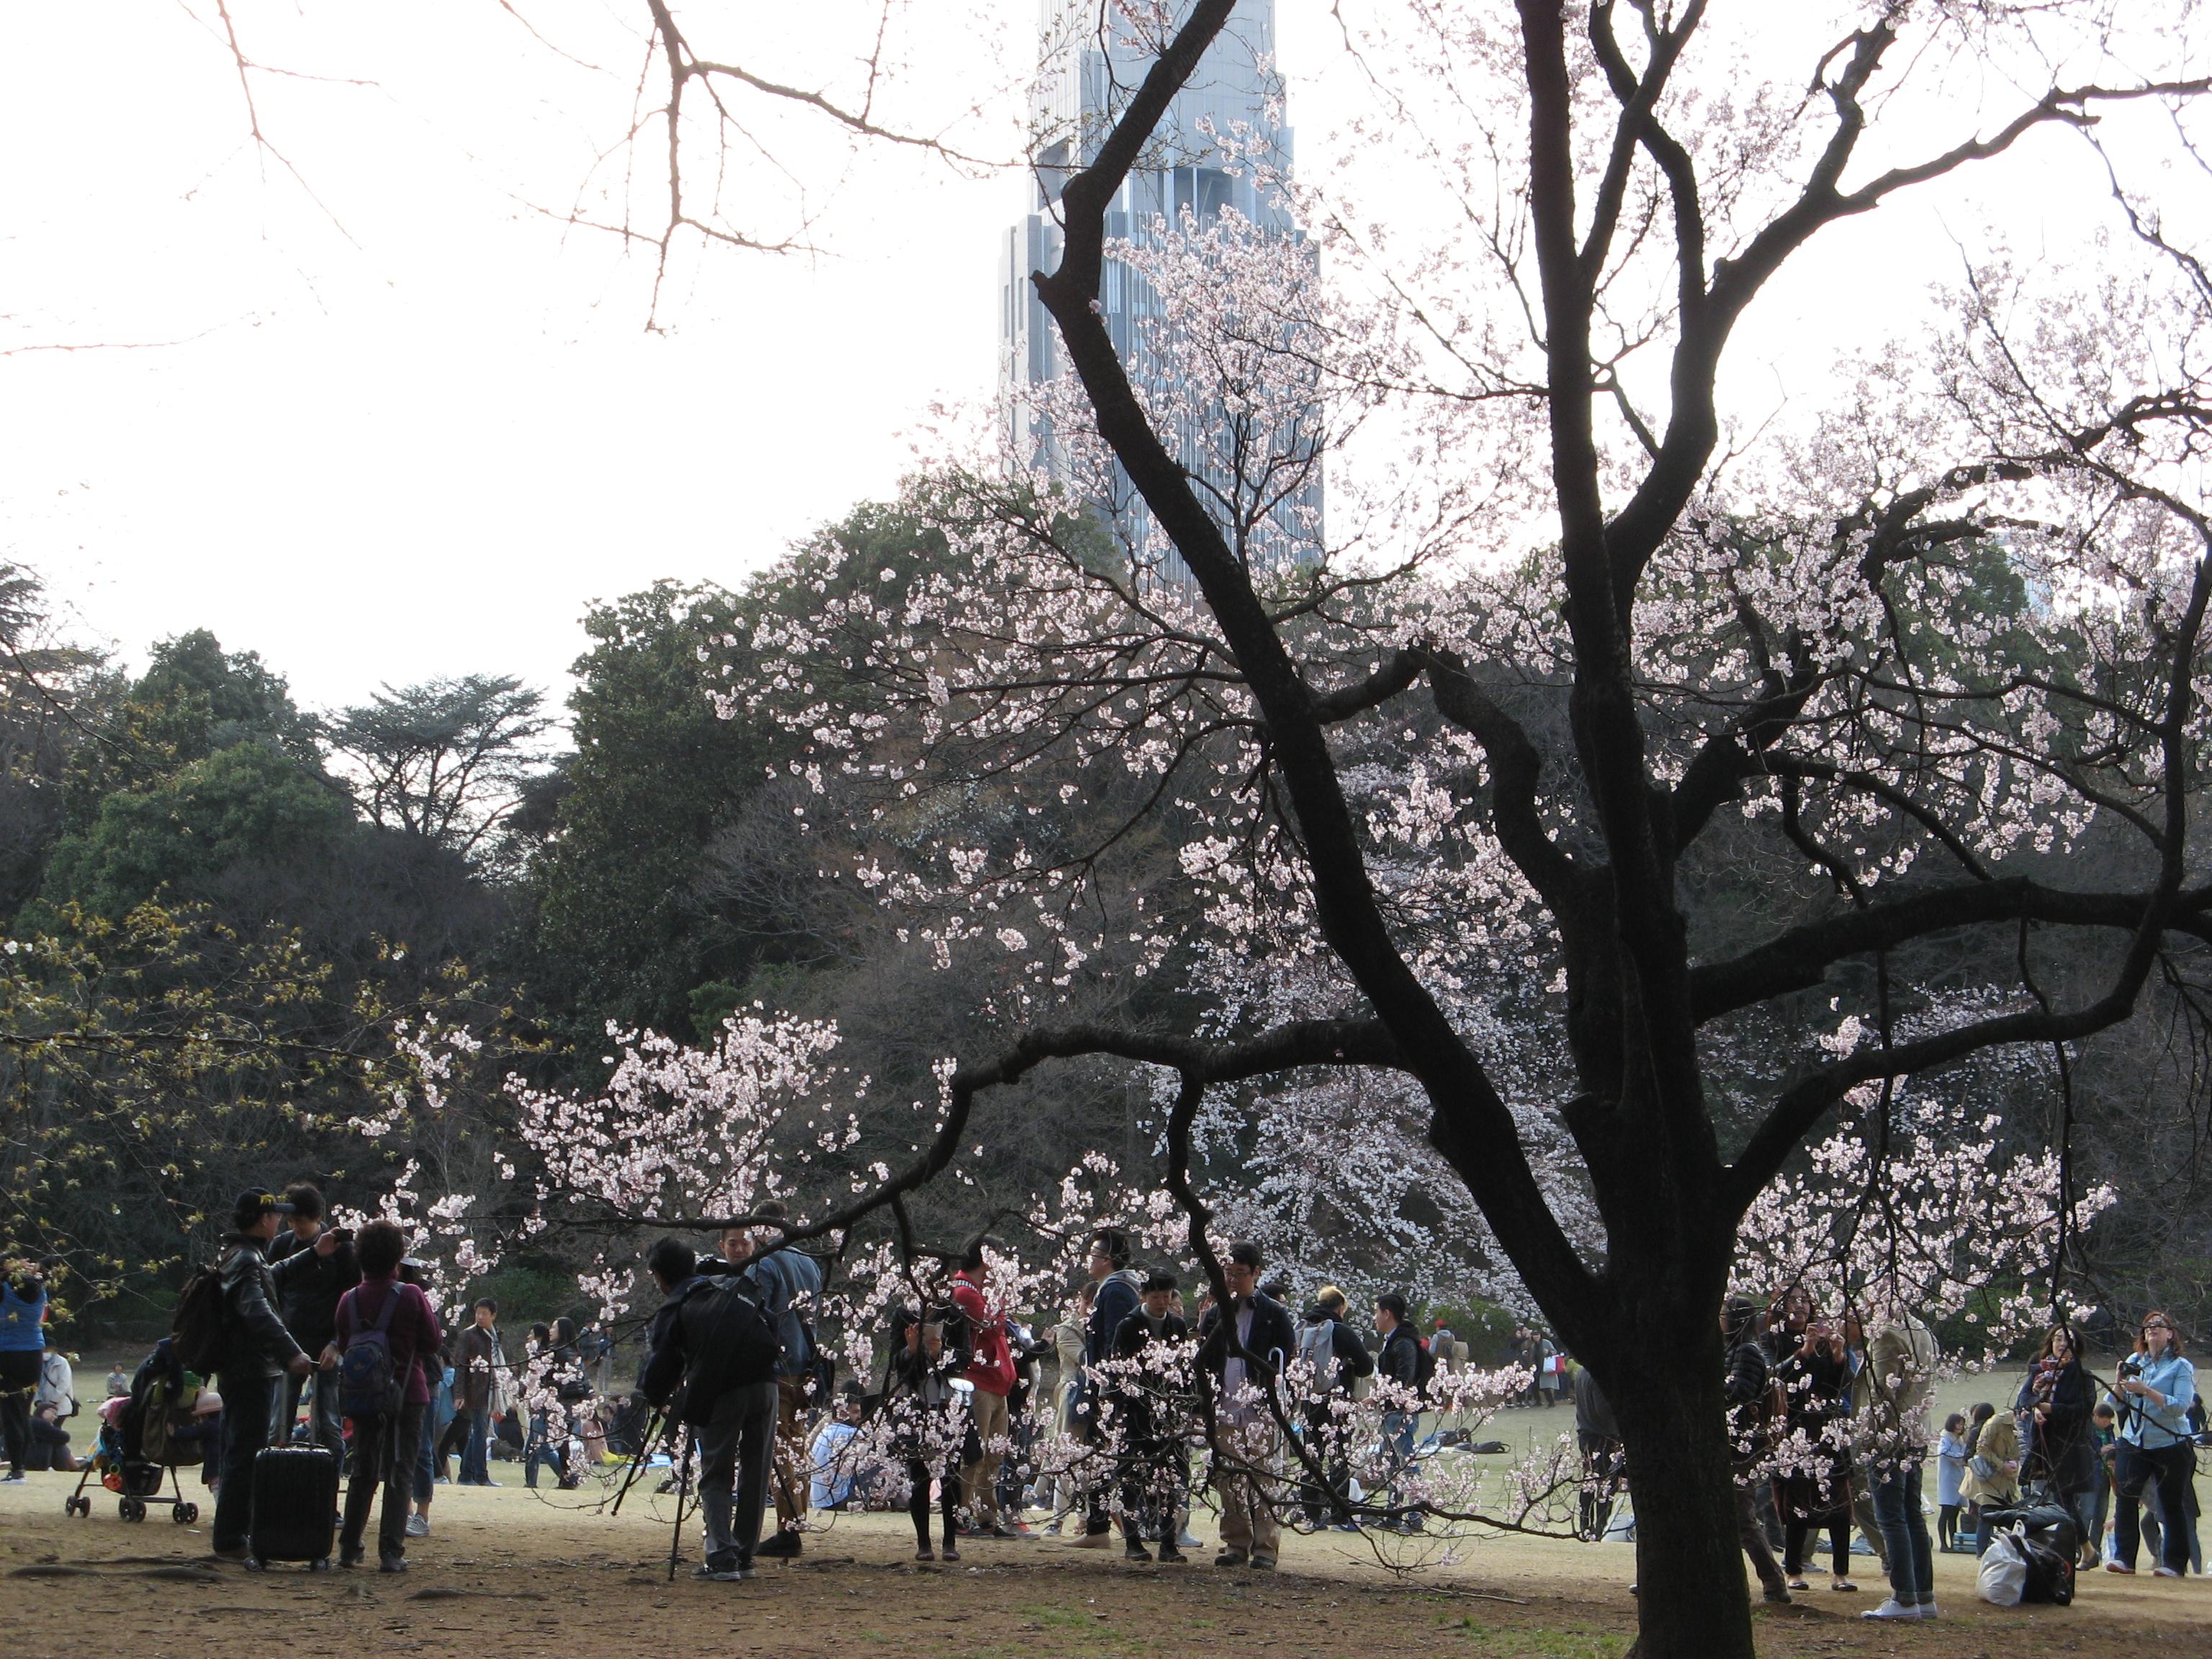 Япония.Ранняя сакура в Синдзюку-гёэн в Токио / Sakura Shinjuku Gyoen Garden inTokyo